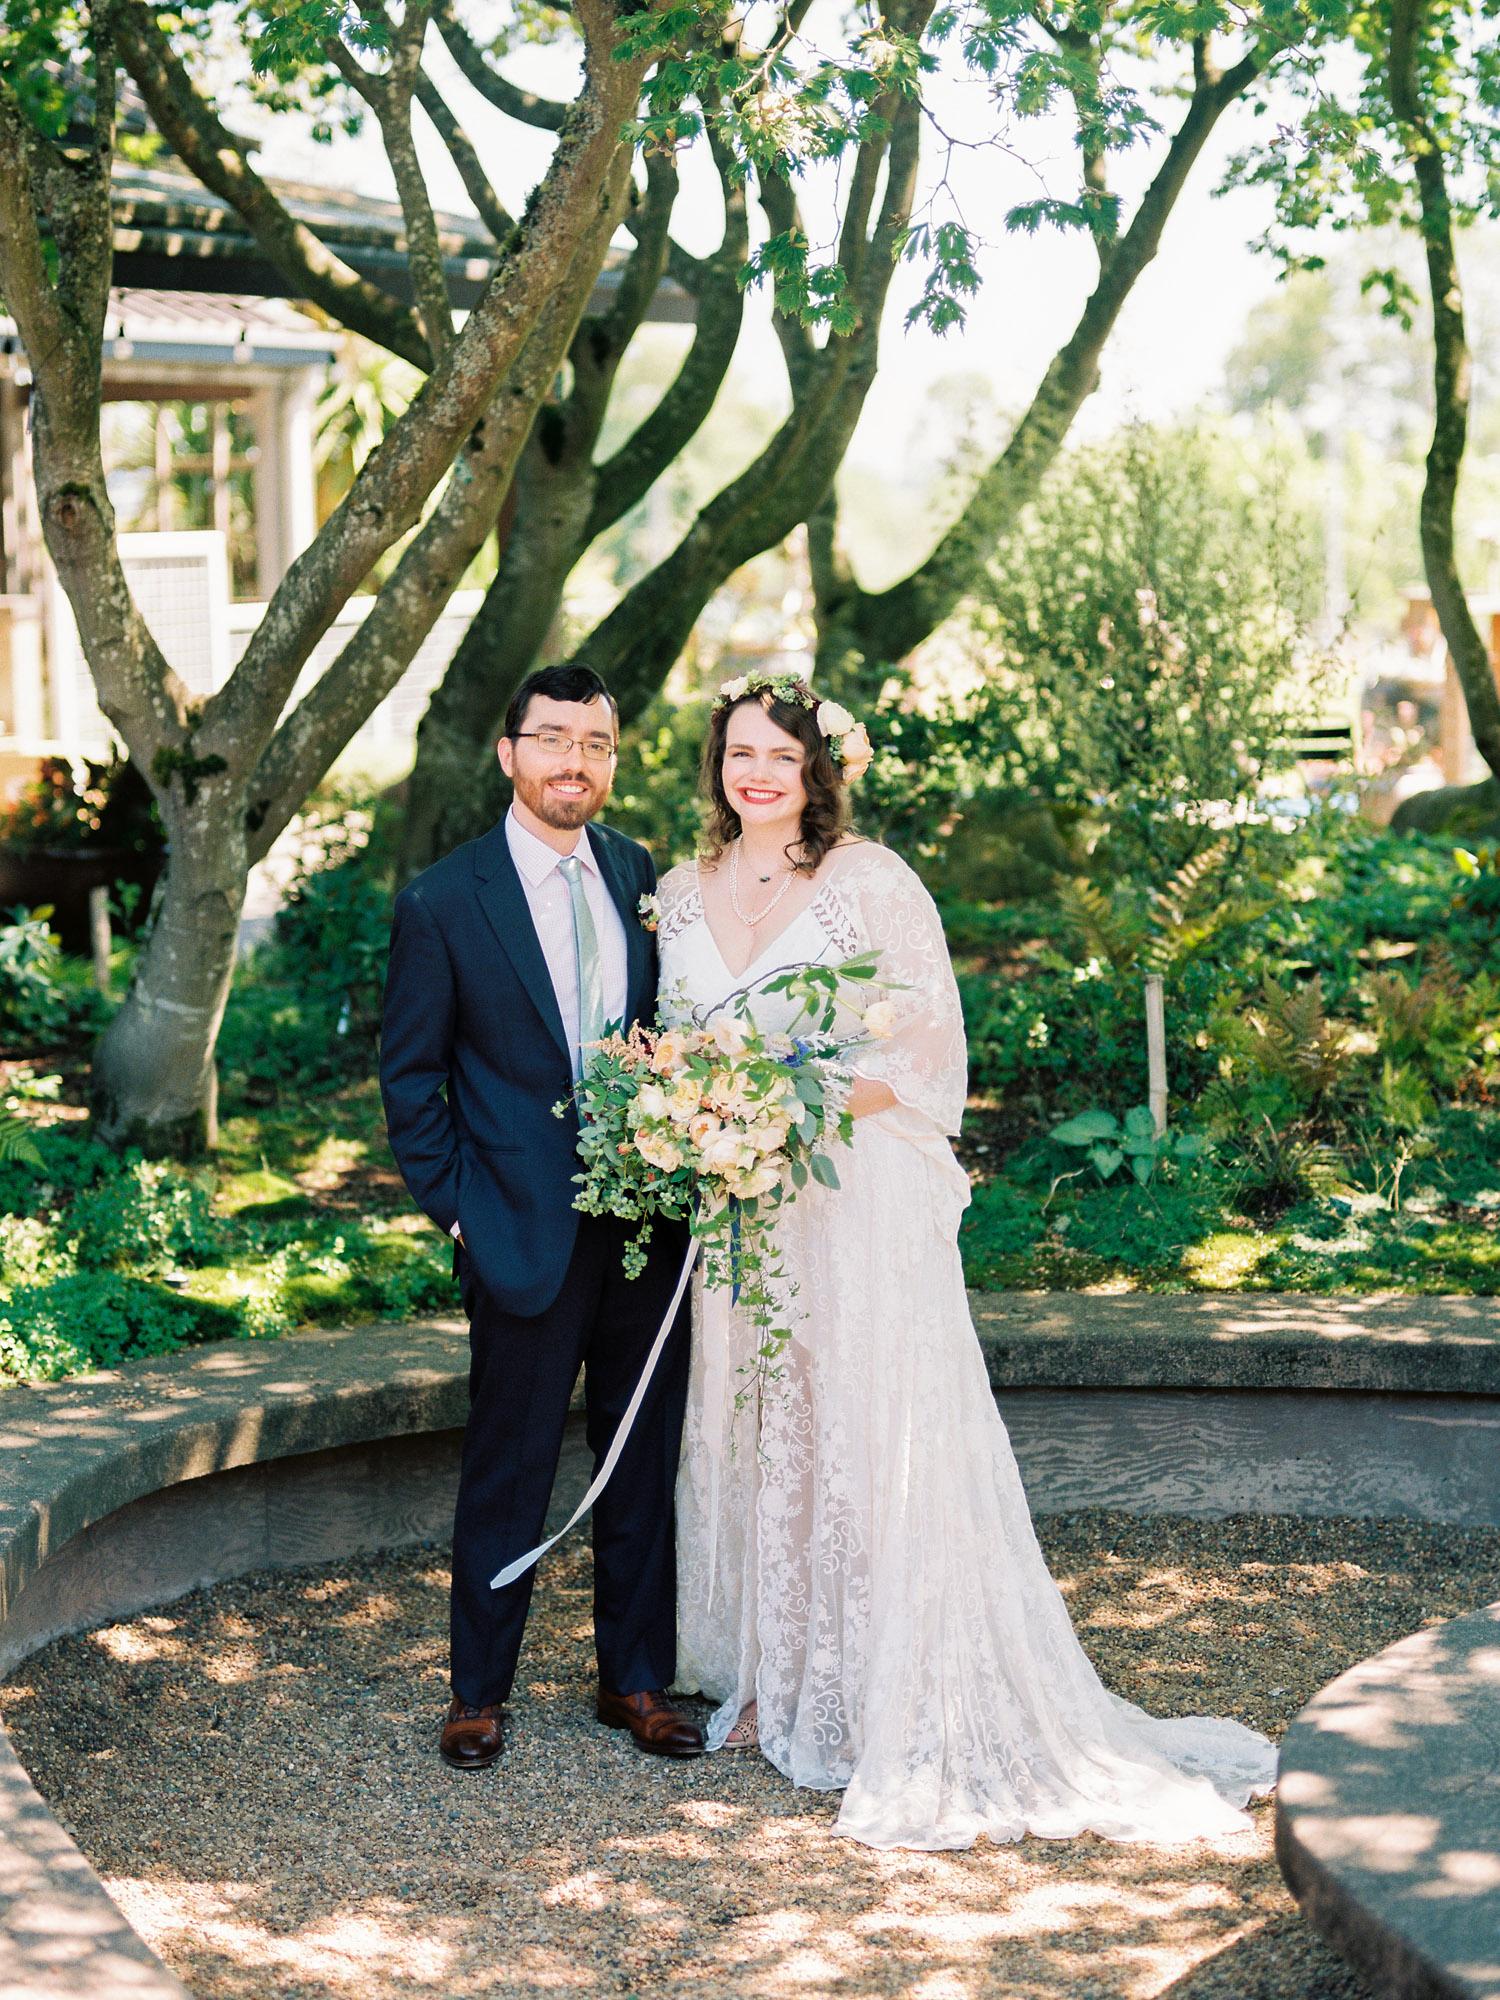 Seattle boho Bride and Groom at the University of Washington